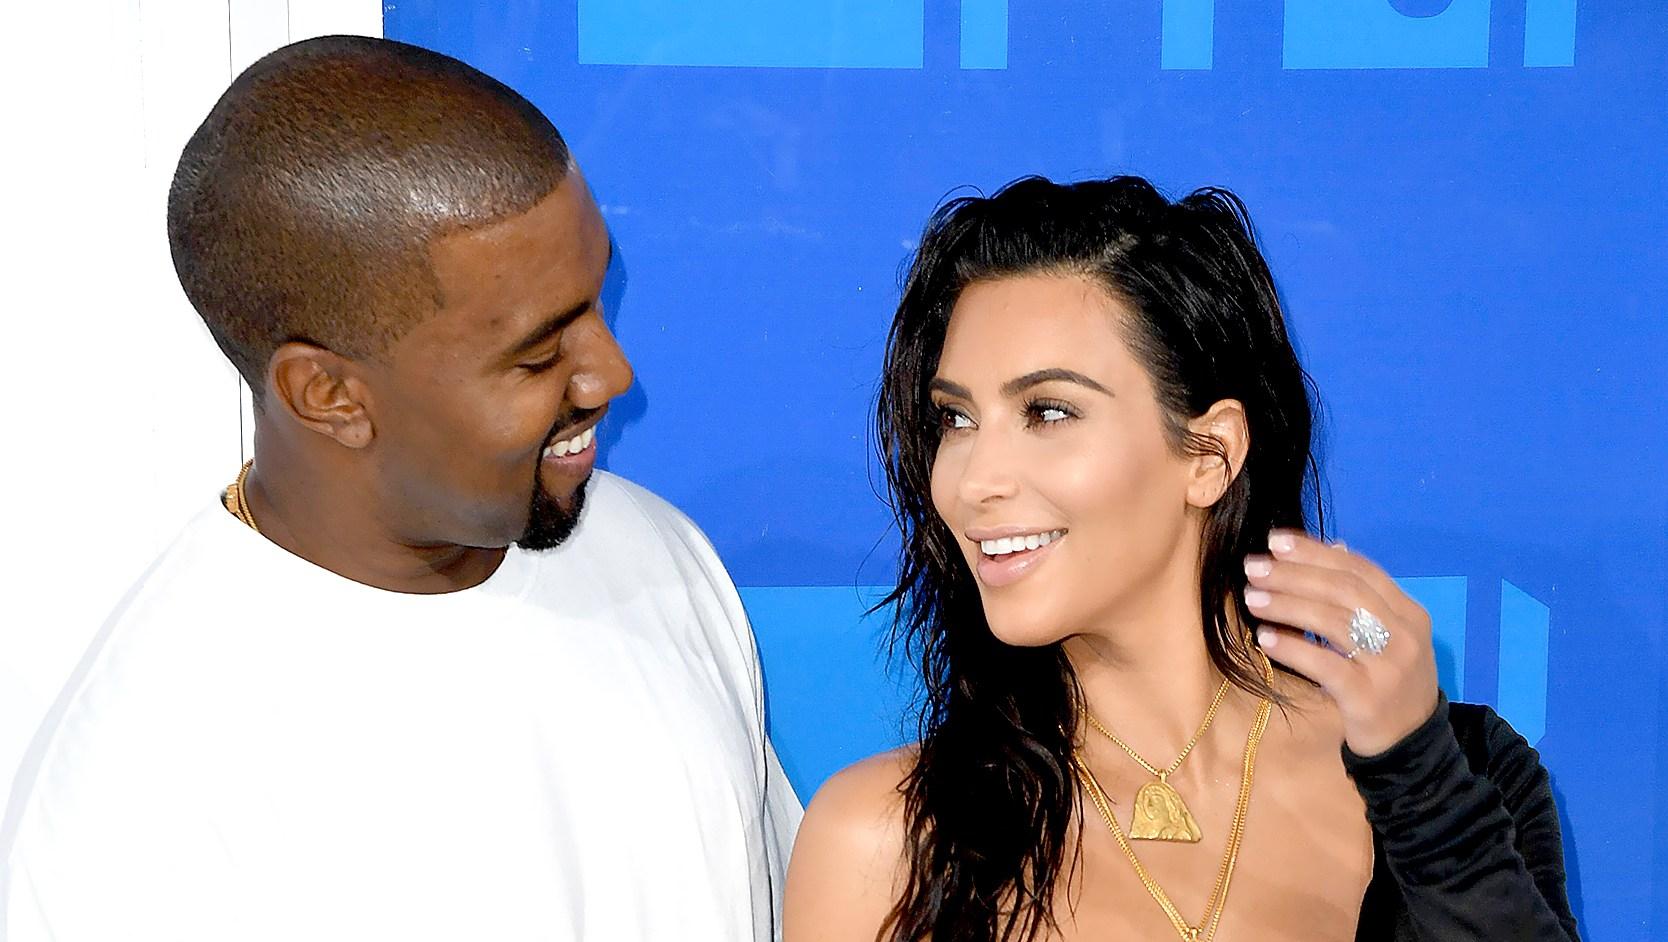 Kanye-West-Kim-Kardashian-birthday-celebrate